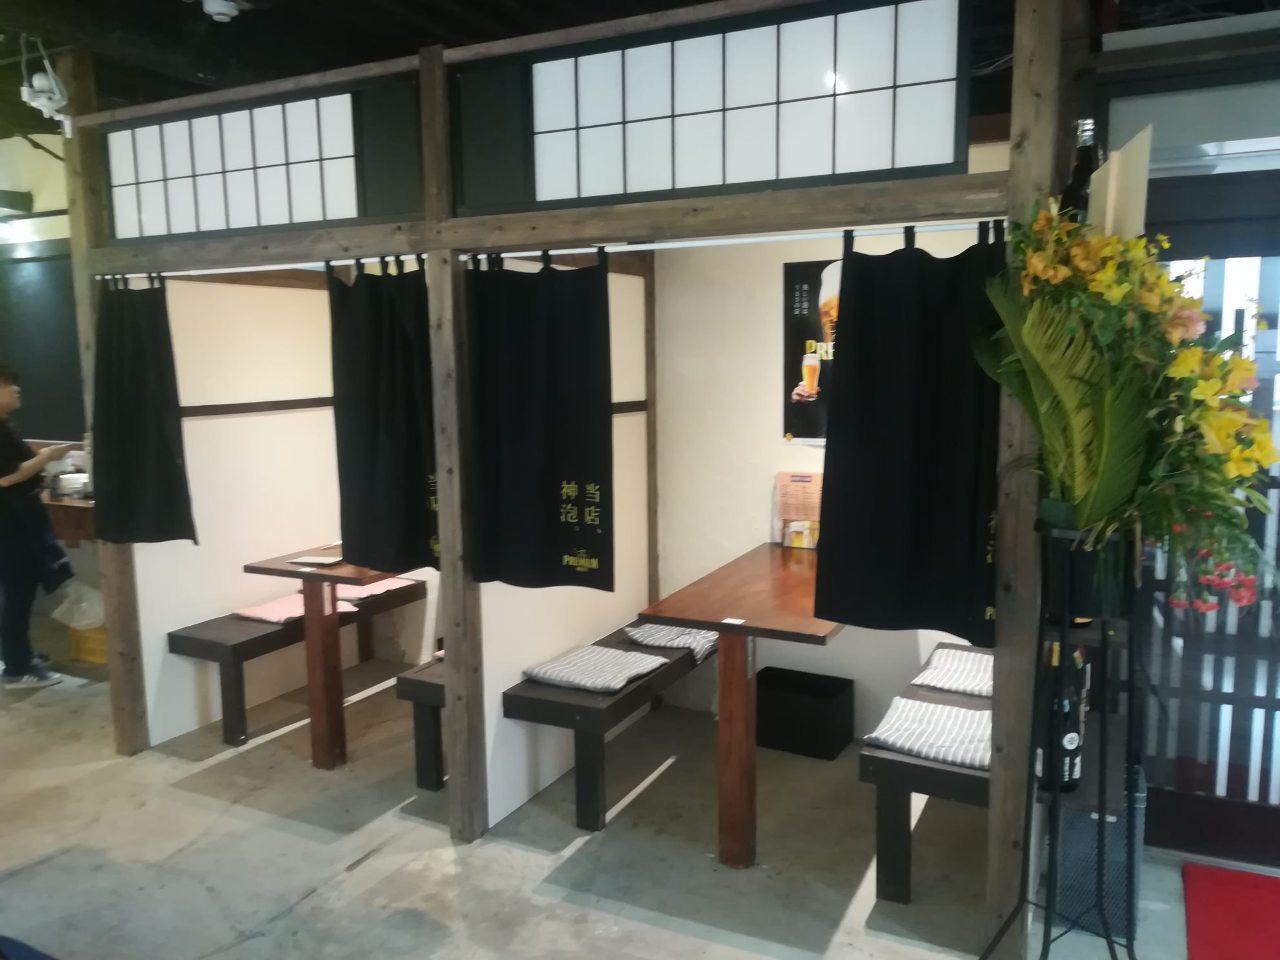 味匠 天王店のイメージ写真